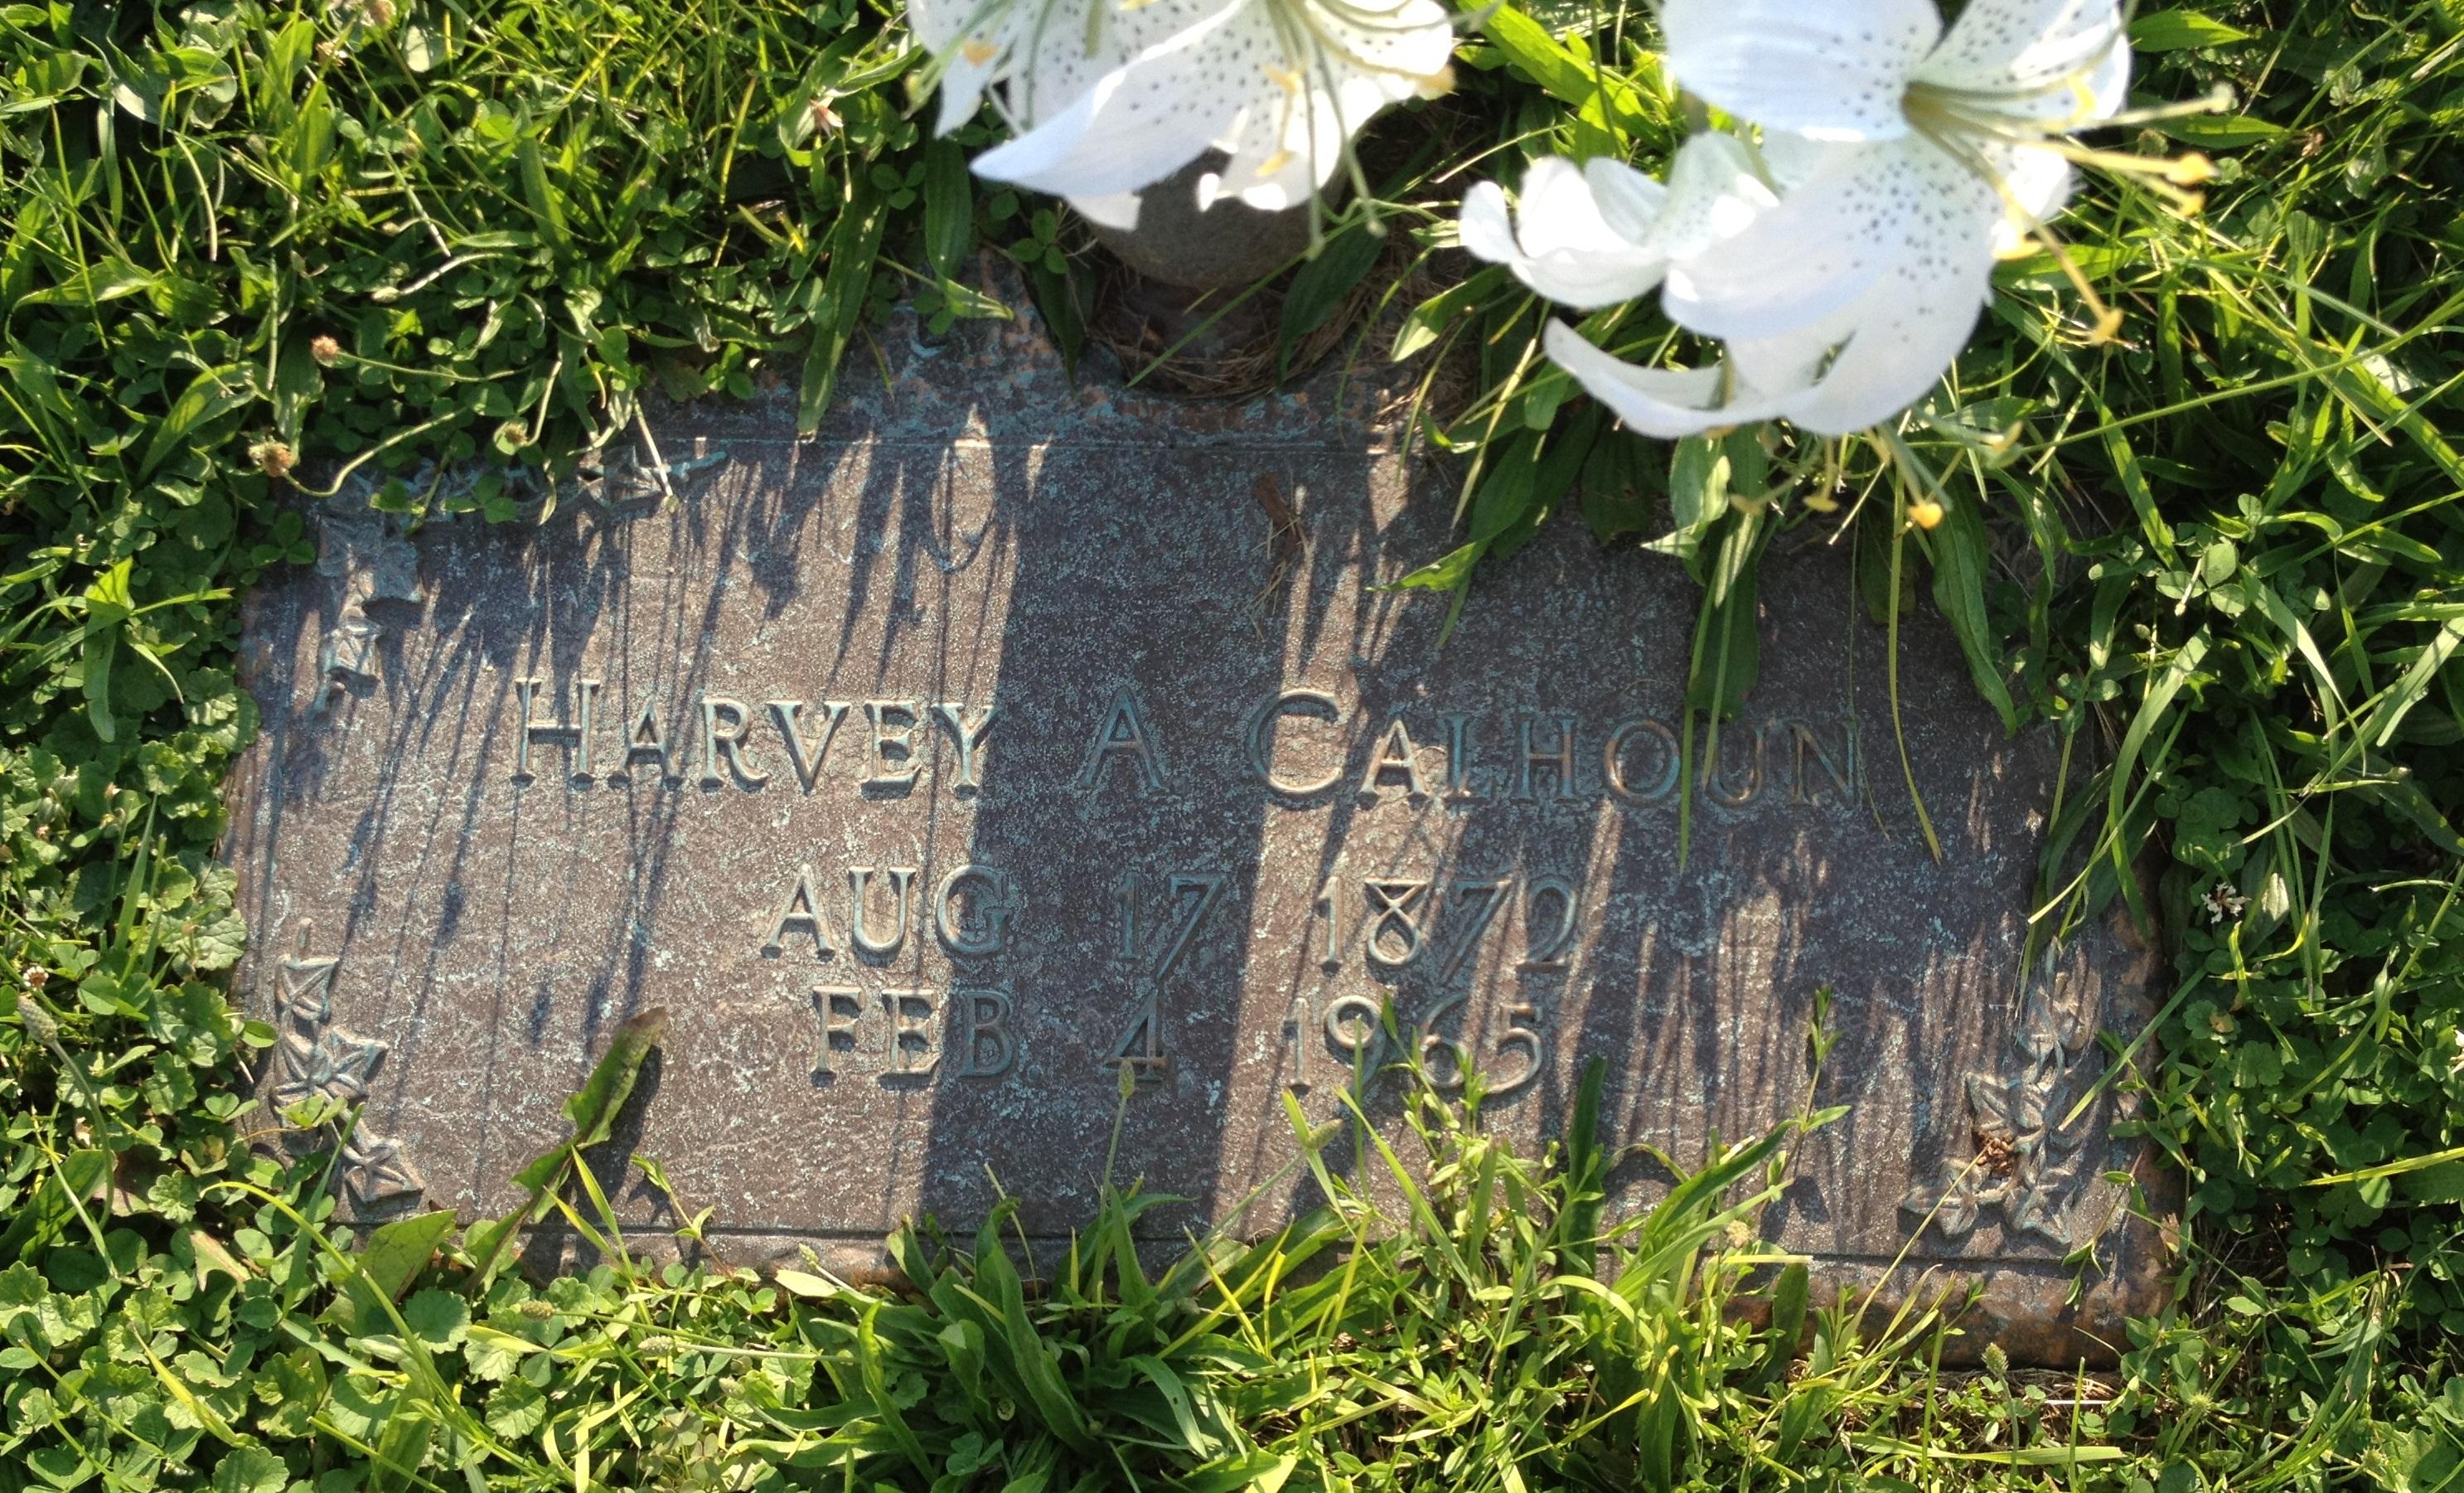 Harvey Austin Calhoun